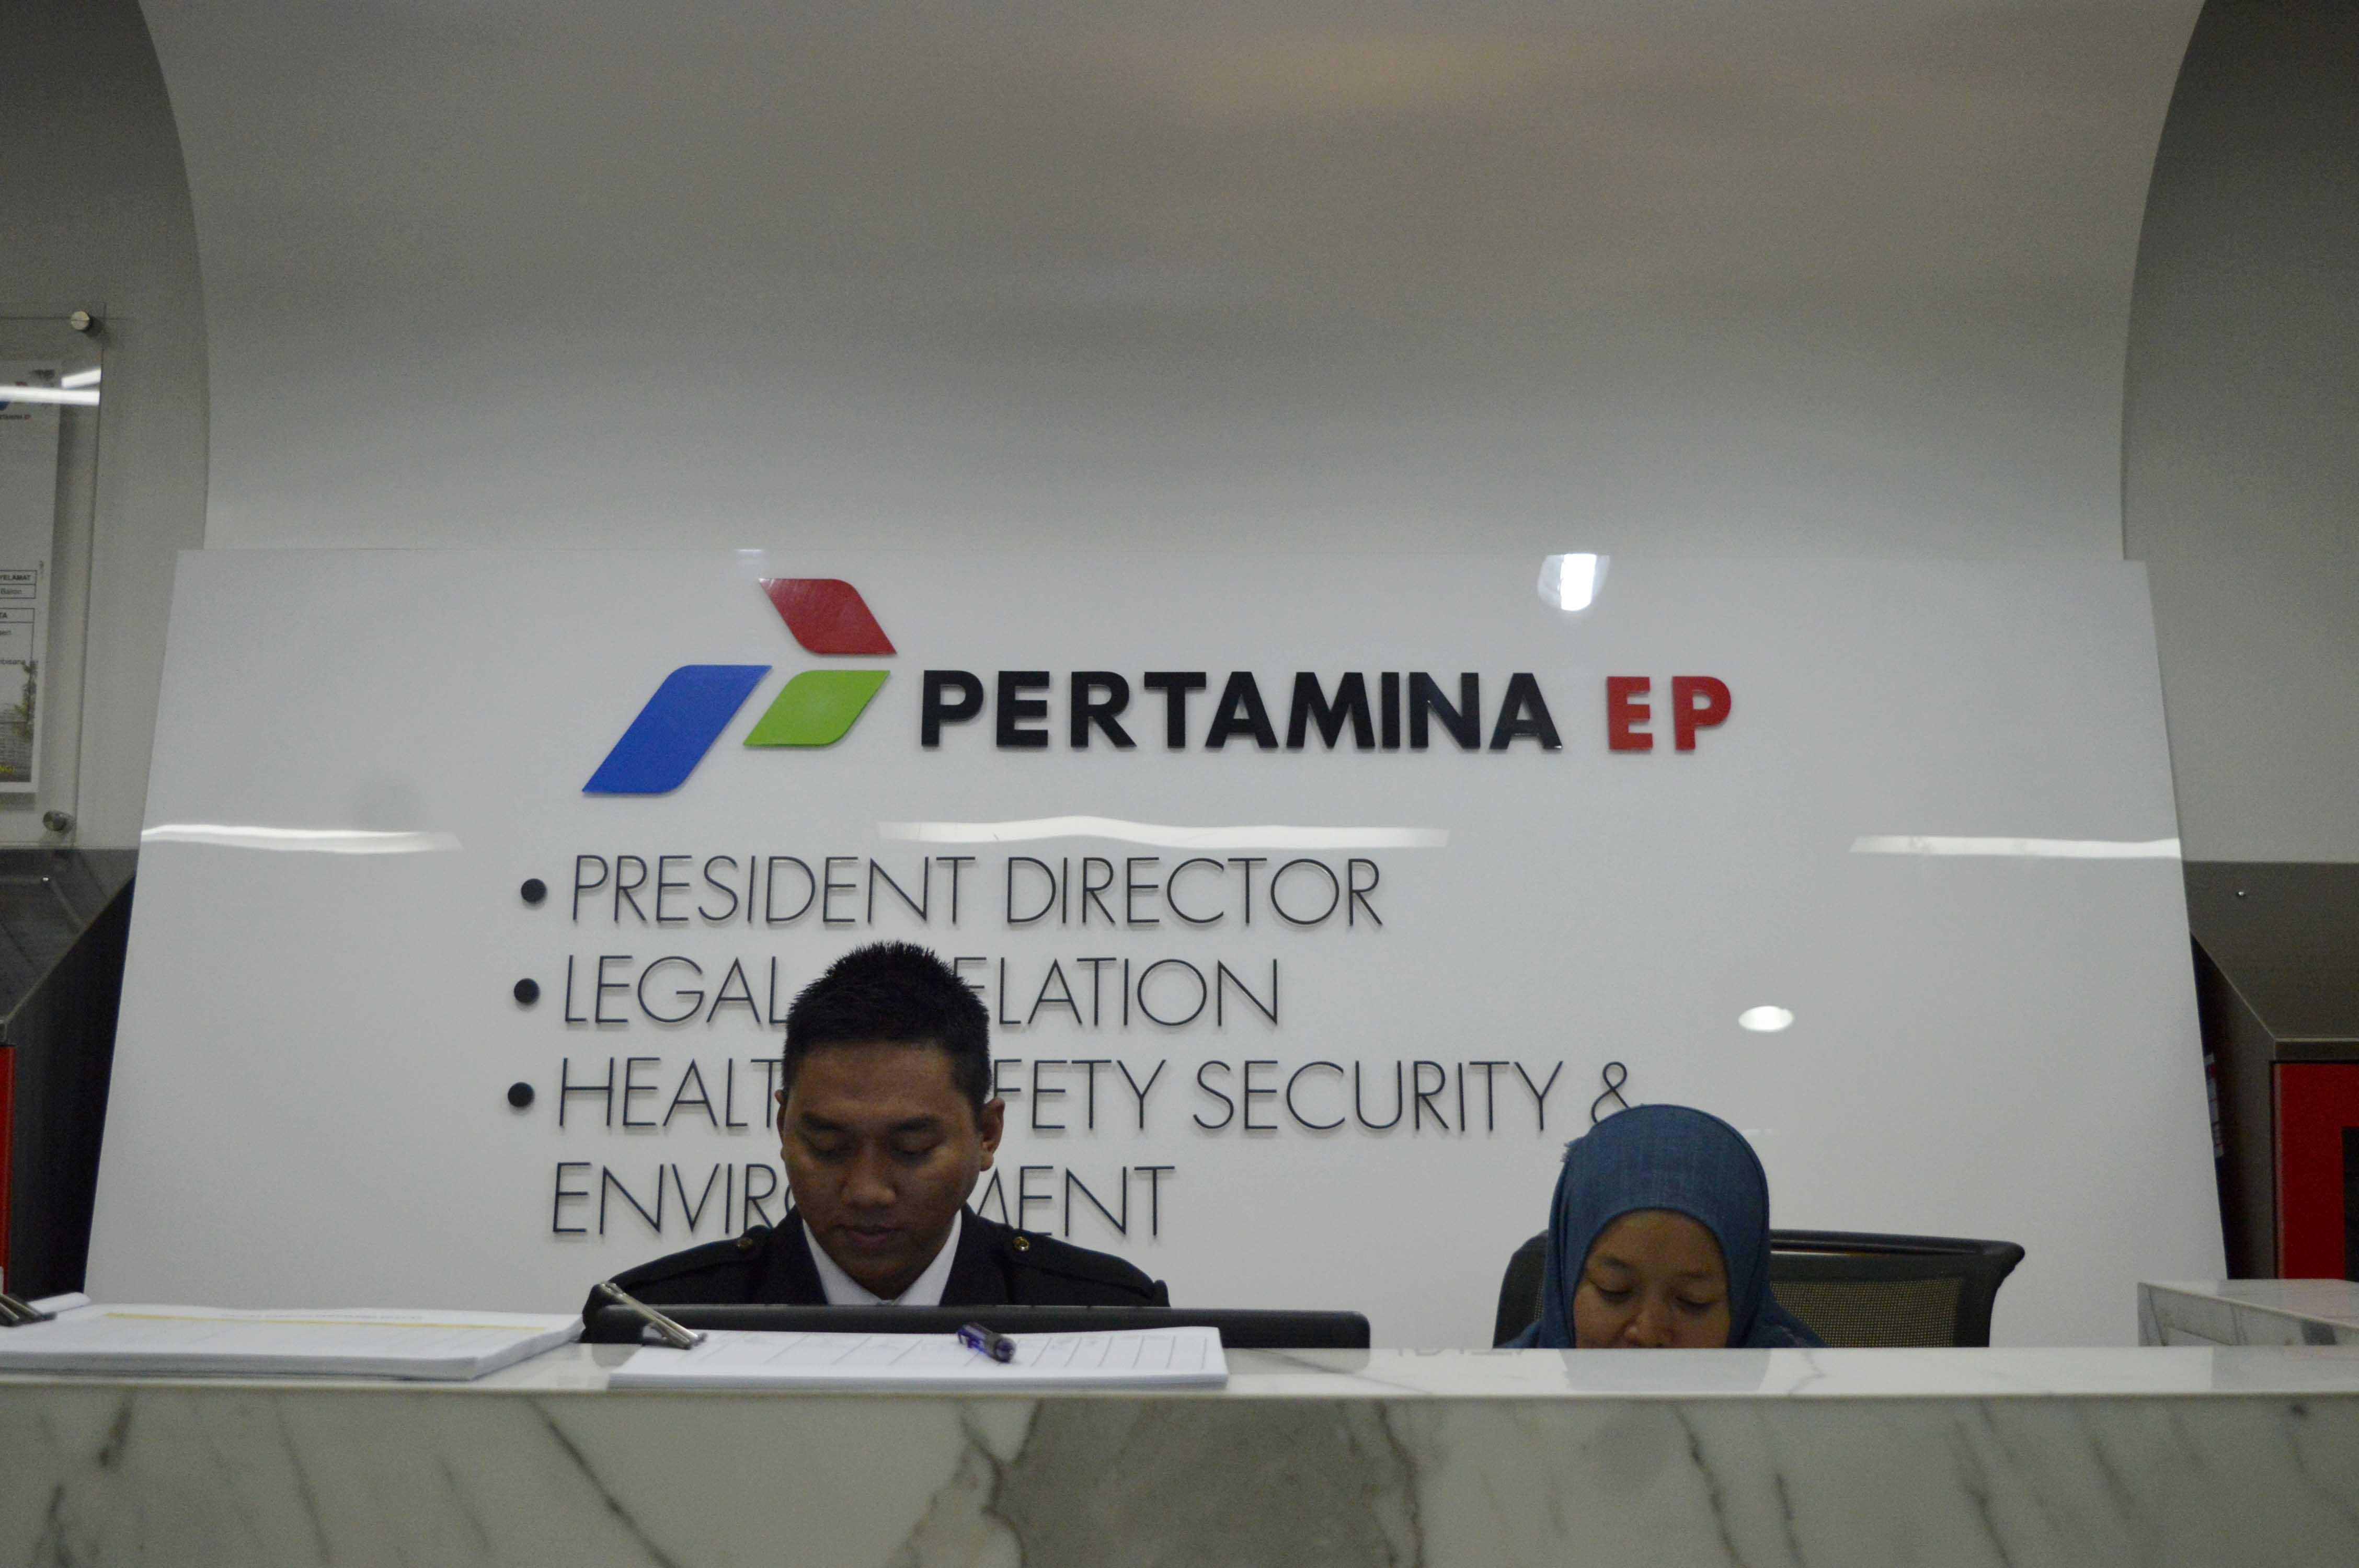 Apep Fajar Jadi Komisaris Utama Pertamina EP